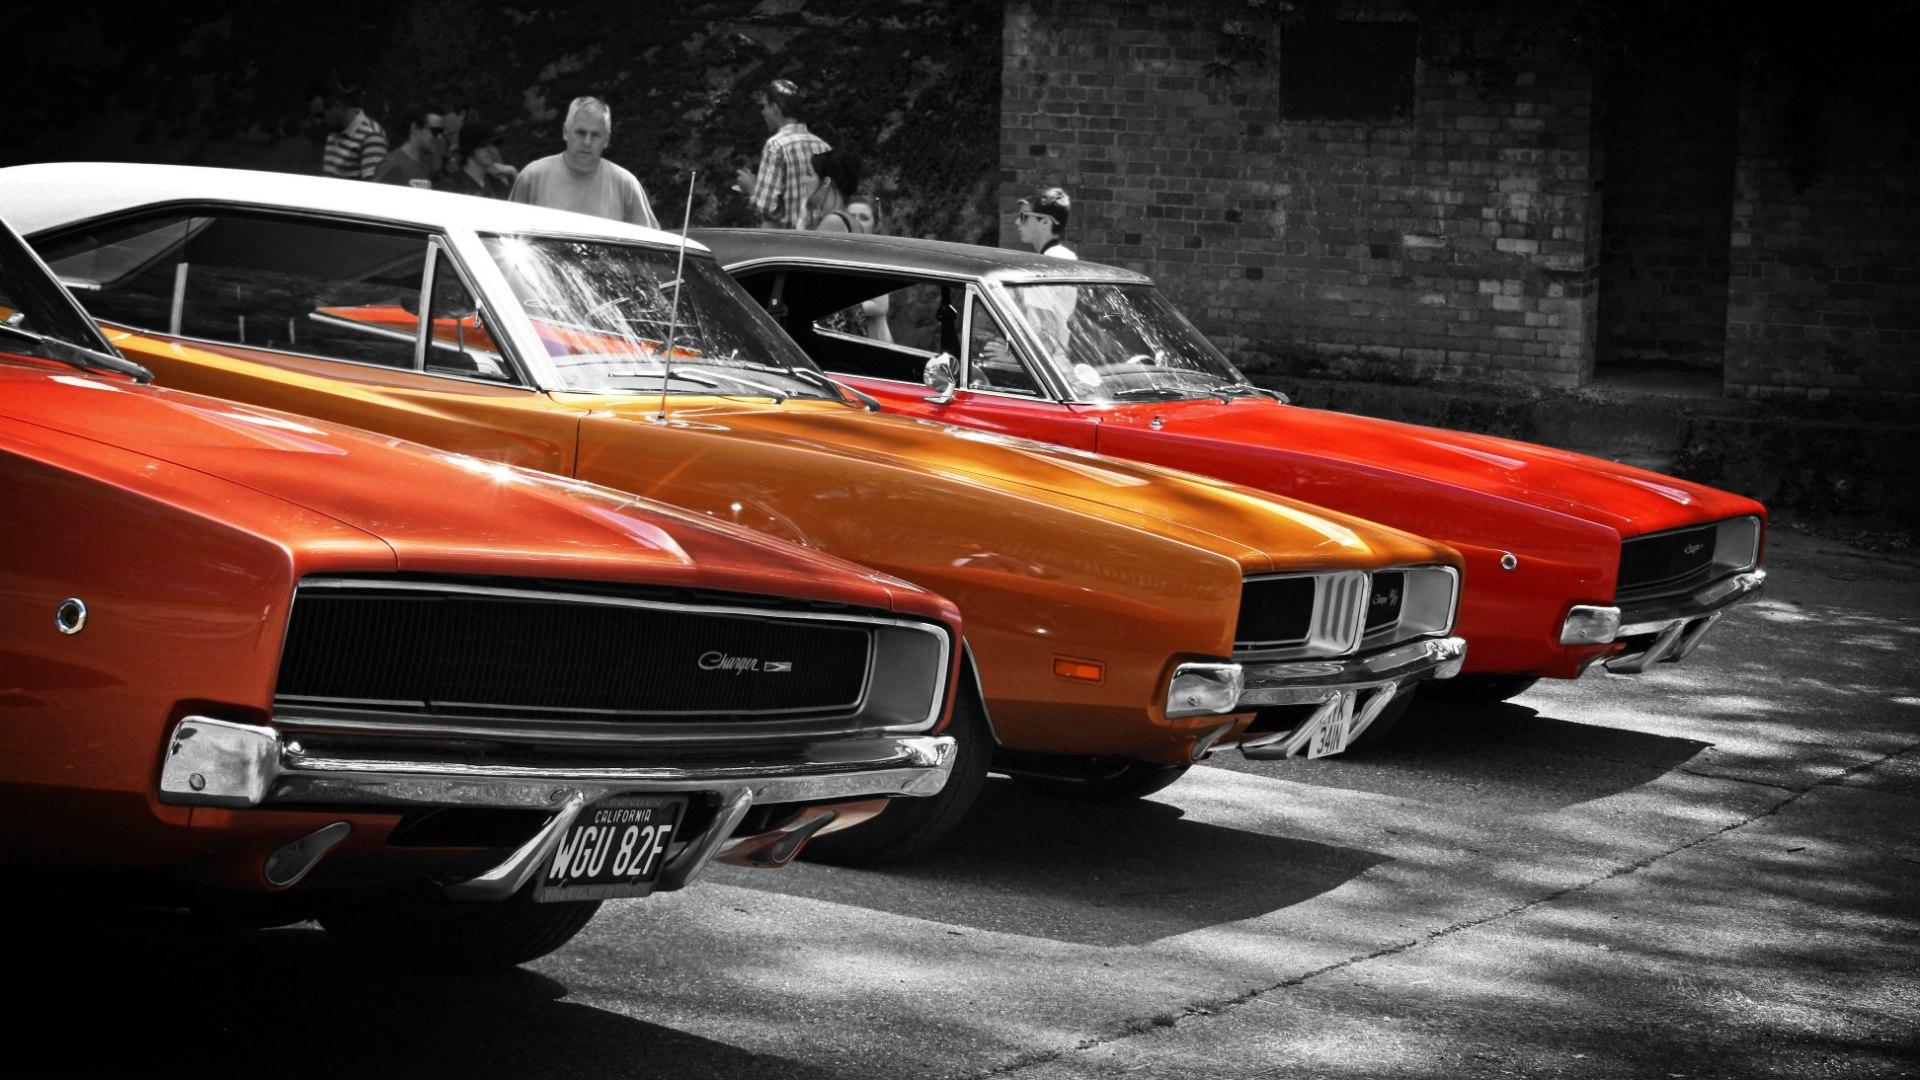 1969 Dodge Charger Wallpaper  WallpaperSafari